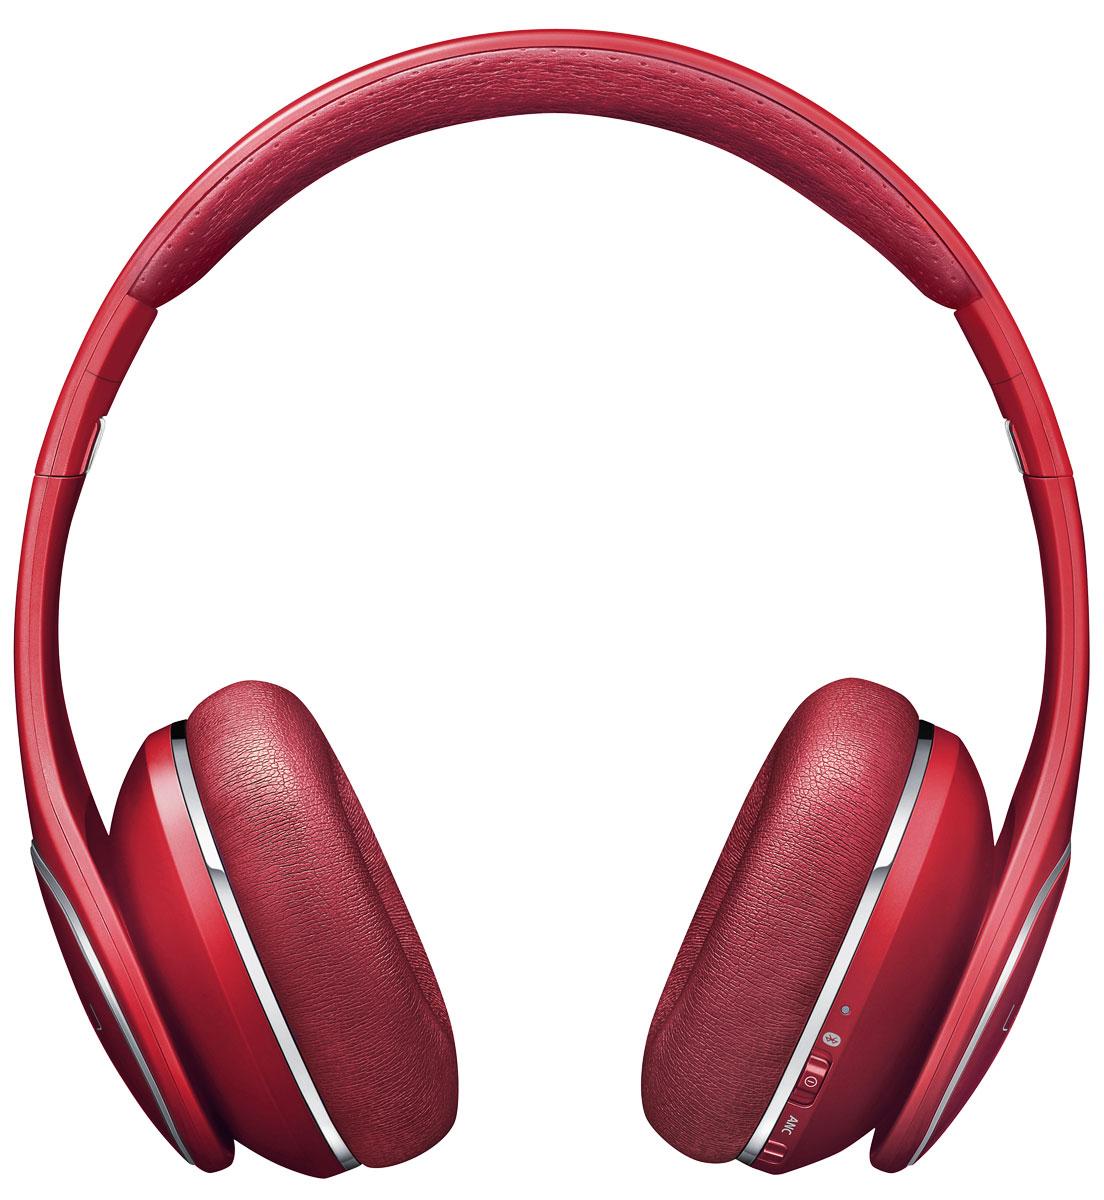 Samsung EO-PN900B Level On, Red беспроводные наушникиEO-PN900BREGRUЖизнь в современном мегаполисе течет быстро и не дает времени остановиться и отдохнуть. Поэтому, всегда приятно насладиться в дороге любимой музыкой в хорошем качестве или новинками мира кино. Именно в этом Вам поможет беспроводная Bluetooth-гарнитура Samsung EO-PN900 Гарнитура снабжена высококачественными 40 мм динамиками, которые прекрасно справляются с воспроизведением музыки даже в самом высоком качестве, а встроенные кнопки управления и микрофон позволят Вам даже не вынимать телефон из сумки или кармана для переключения песен, управления громкостью или принятия звонков. Bluetooth версии 3.0 обеспечивает прекрасное качество соединения и скорость передачи данных, что позволяет добиться великолепного качества звука Великолепный стильный дизайн Samsung EO-PN900 не только прекрасно выглядит, но и, благодаря использованию самых качественных материалов, очень надежен и прочен. Приятные мягкие амбушюры и оголовье не сильно давят на уши и...